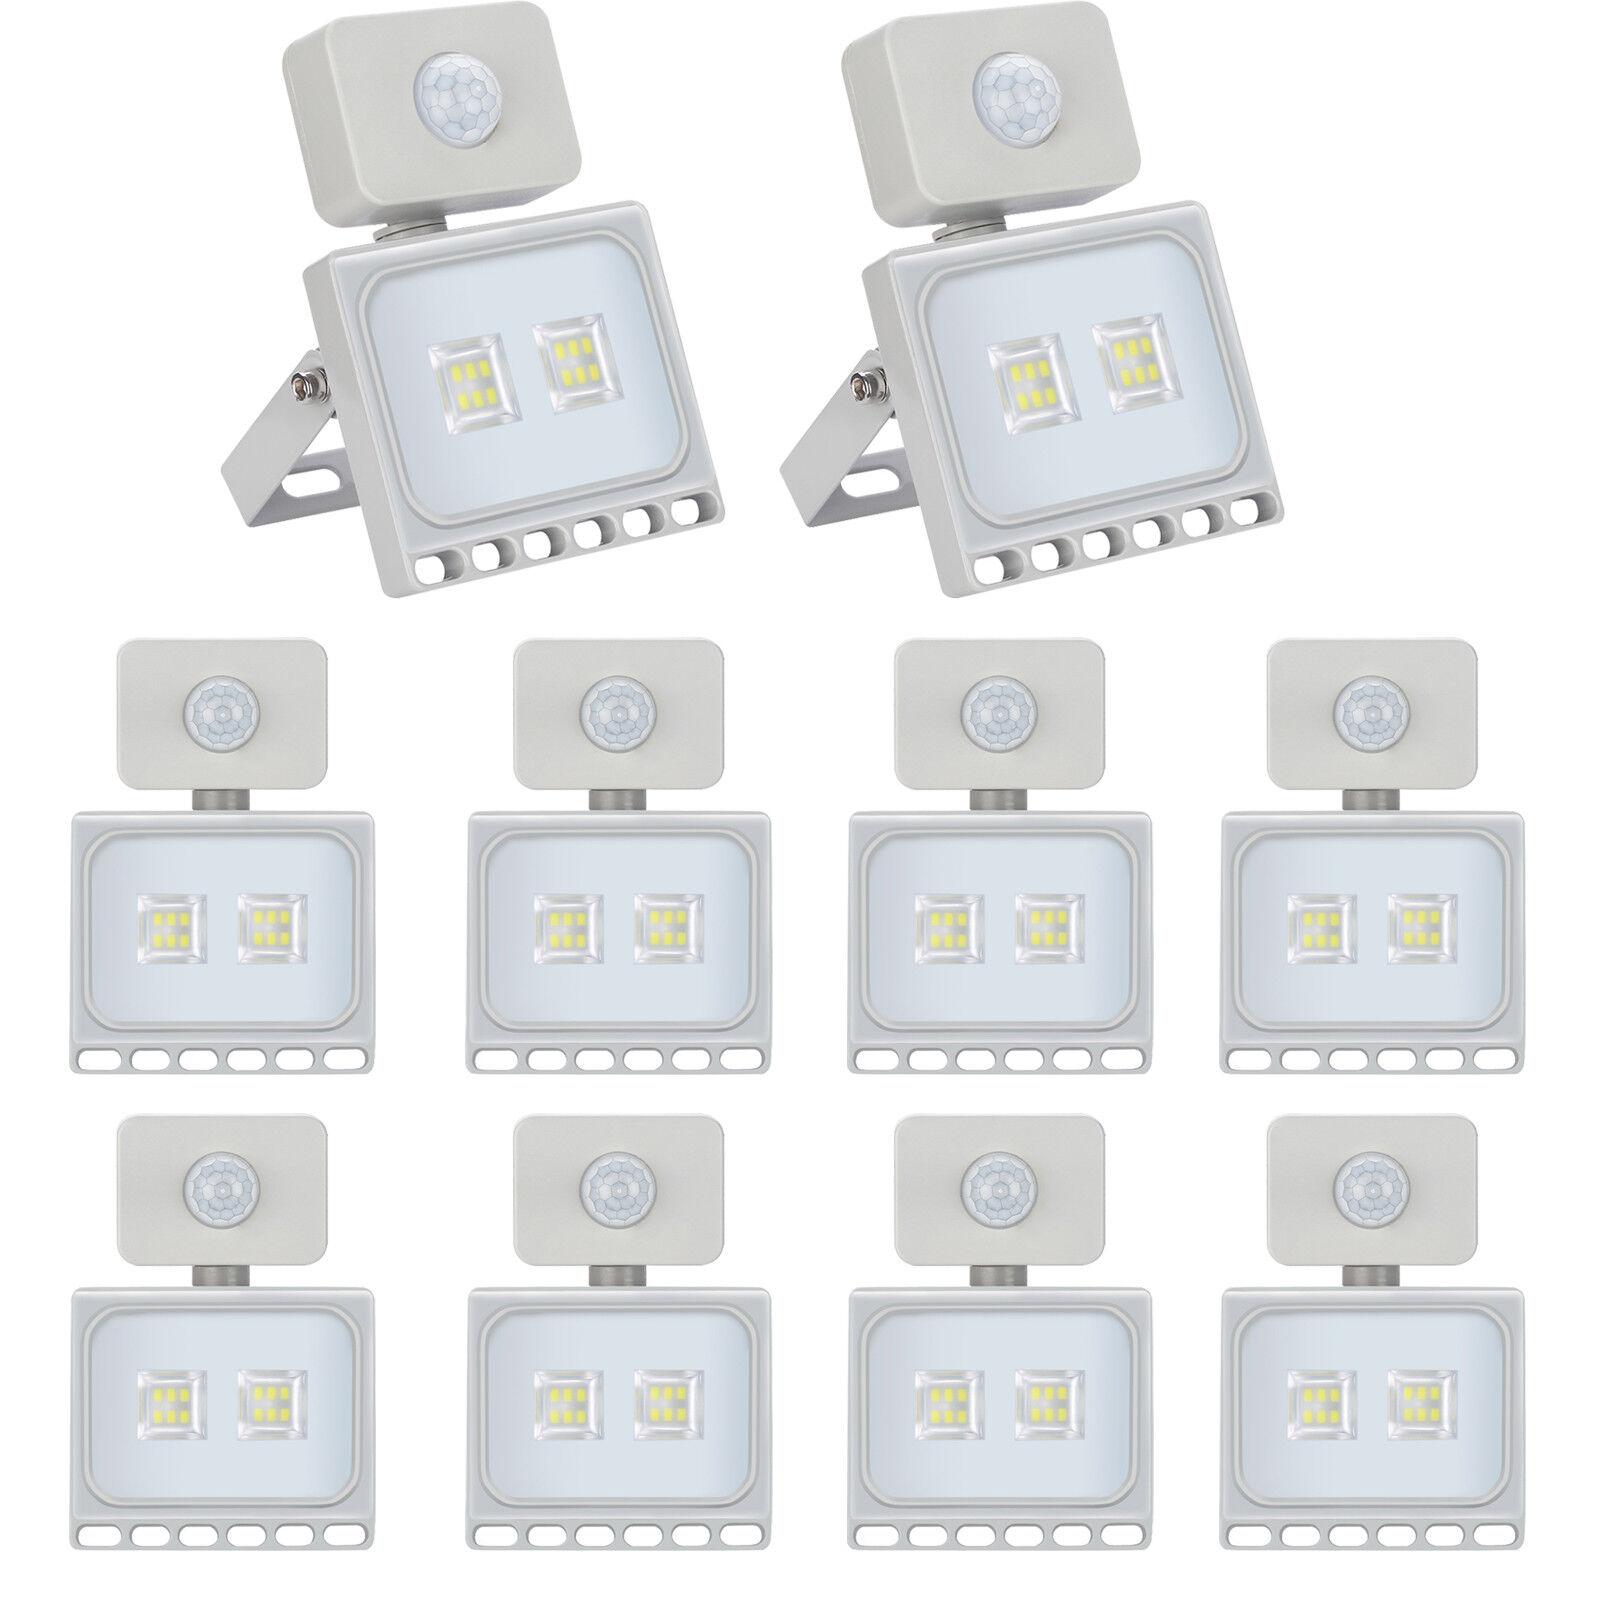 10x 10w LED eh con PIR detectores de movimiento exterior frío blancoo focal